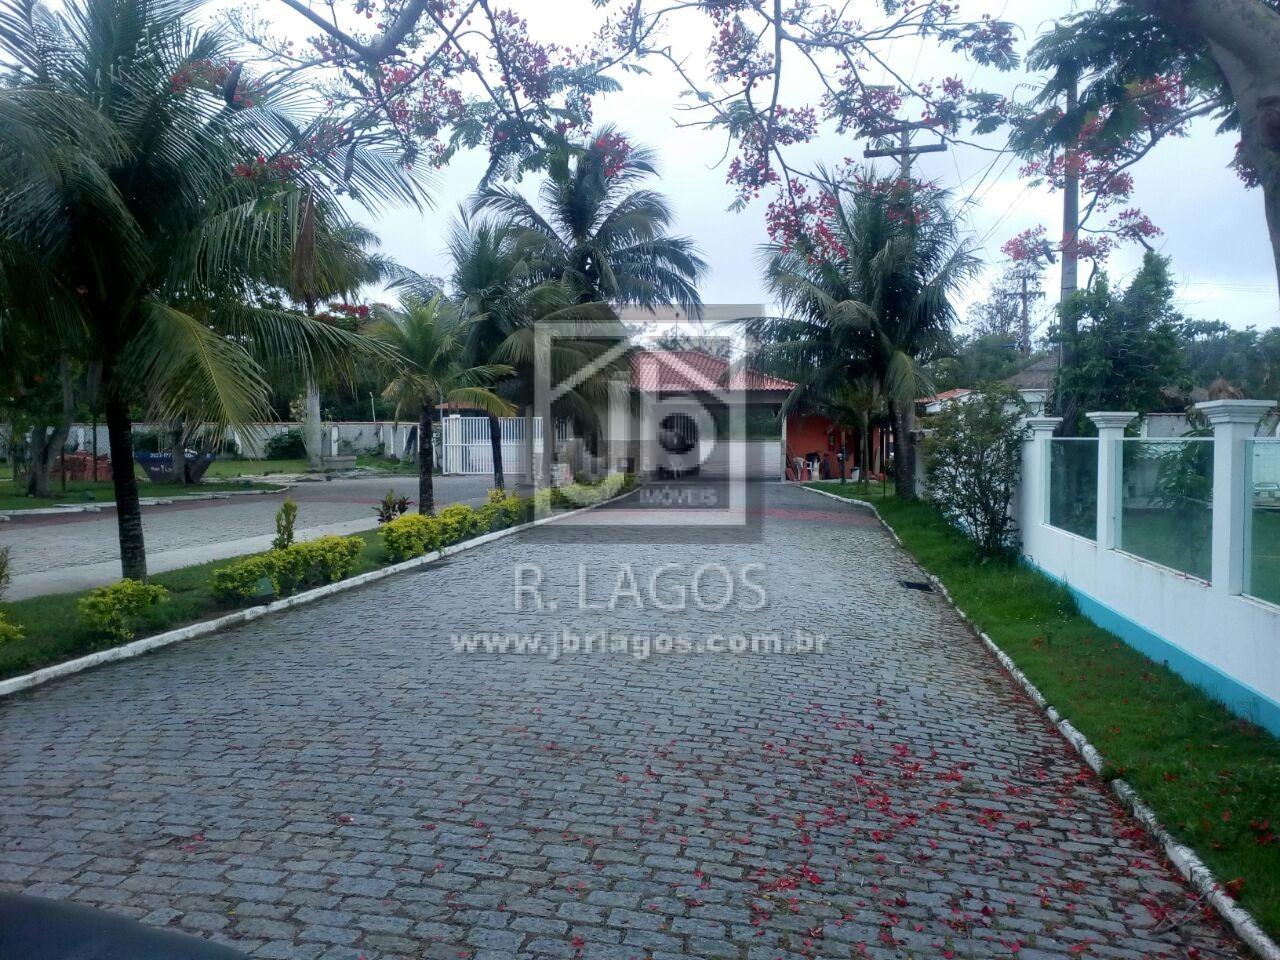 Amplo terreno de 450 m² em condomínio de alto luxo, com total infraestrutura de segurança e lazer